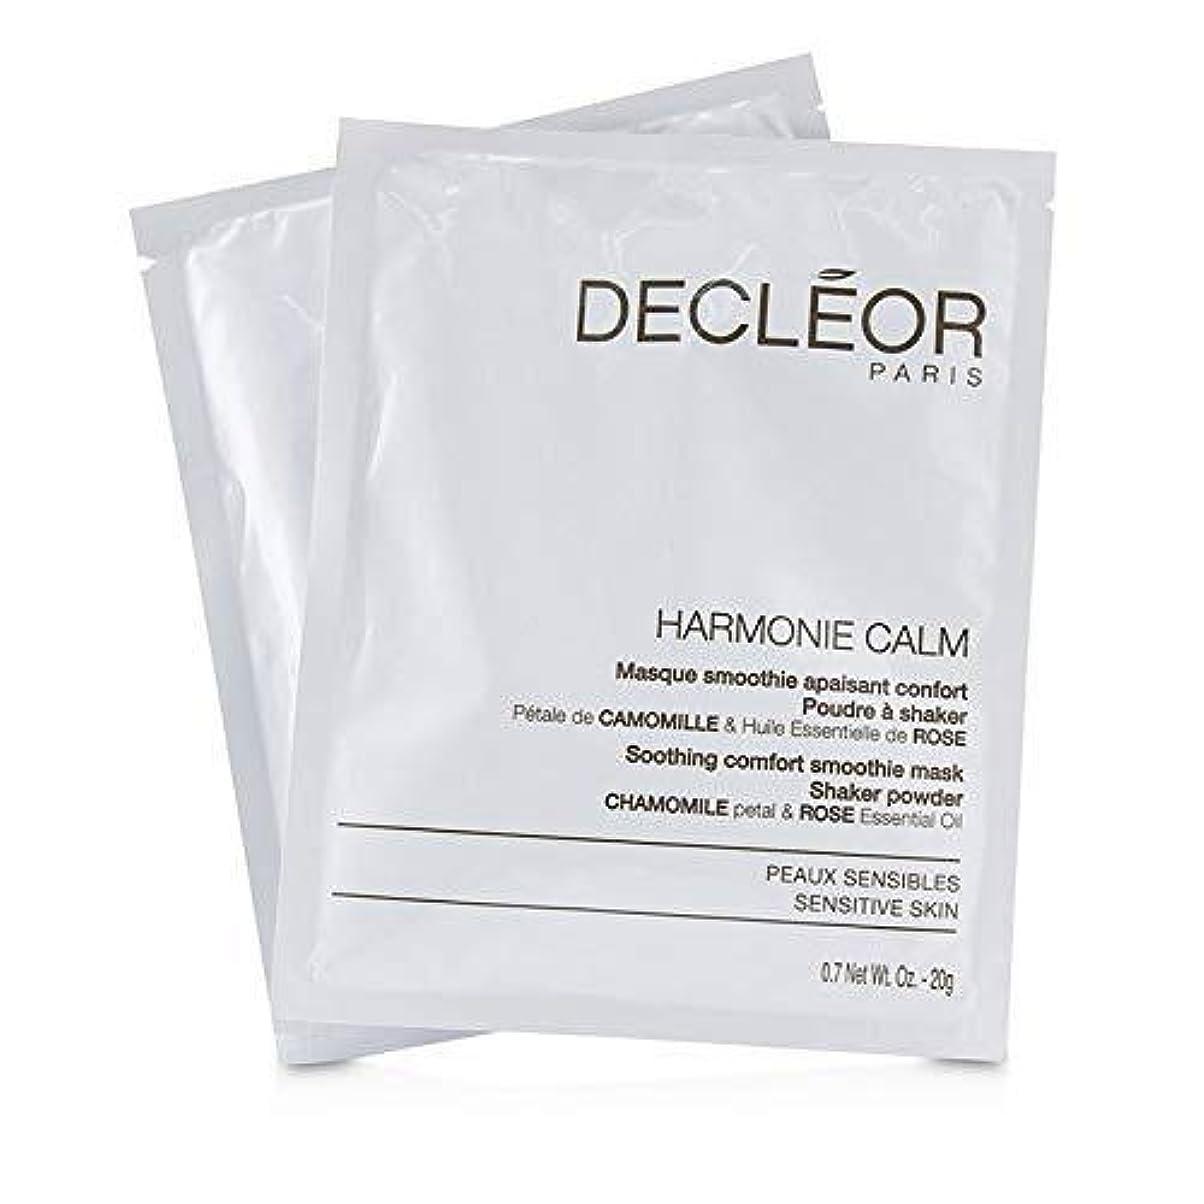 うがい薬拡声器無意識デクレオール Harmonie Calm Soothing Comfort Smoothie Mask Shaker Powder - For Sensitive Skin (Salon Product) 5x20g/0.7oz...